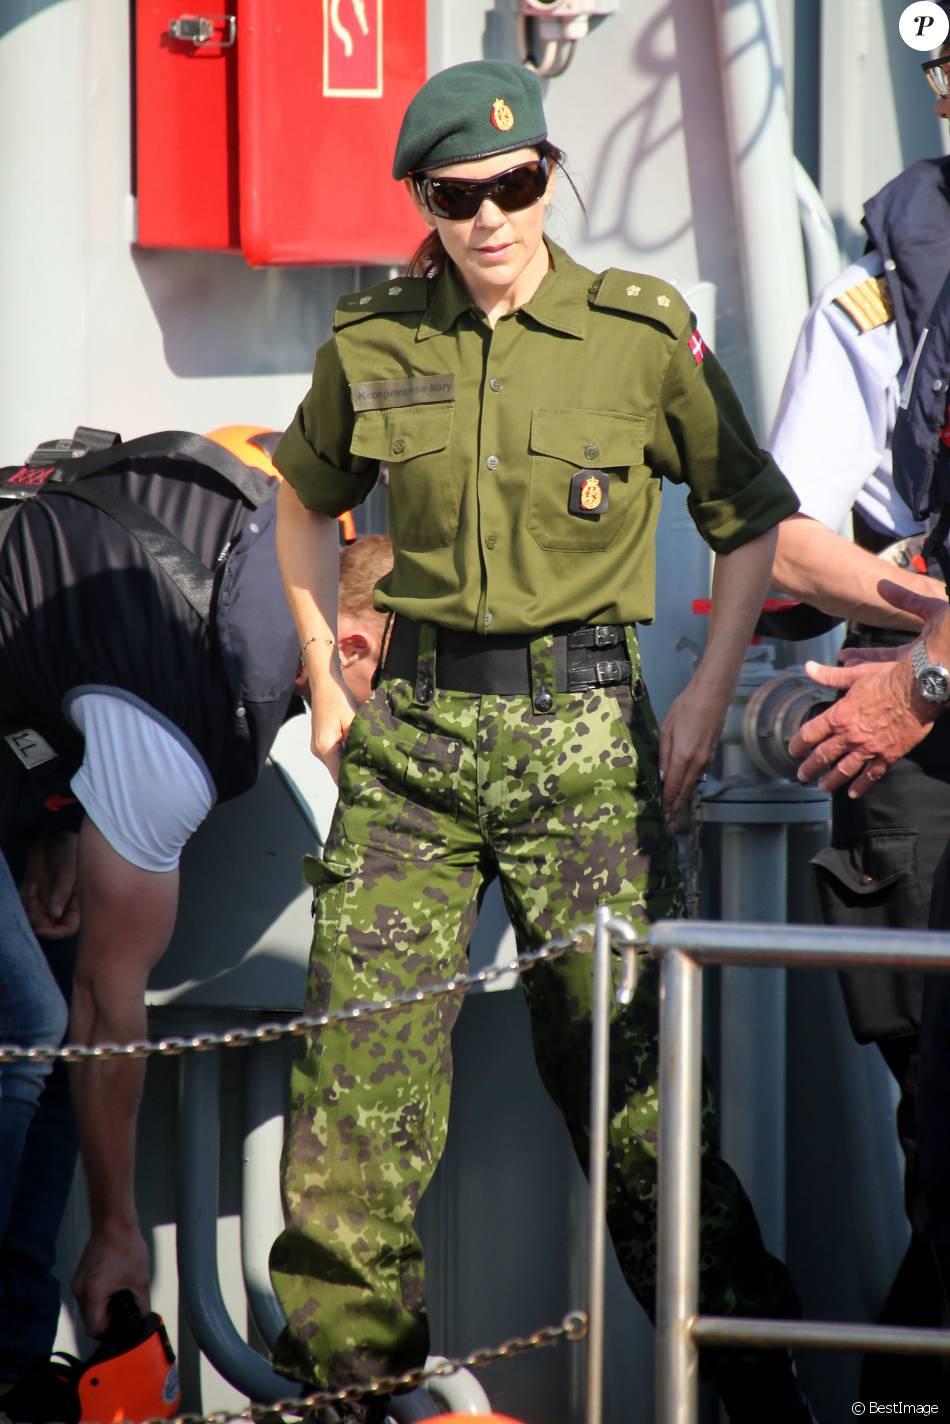 La princesse Mary de Danemark a participé aux exercices de la Home Guard danoise lors du premier week-end du mois de juin 2016 ainsi qu'à la parade finale le dimanche 5, à Fredericia.